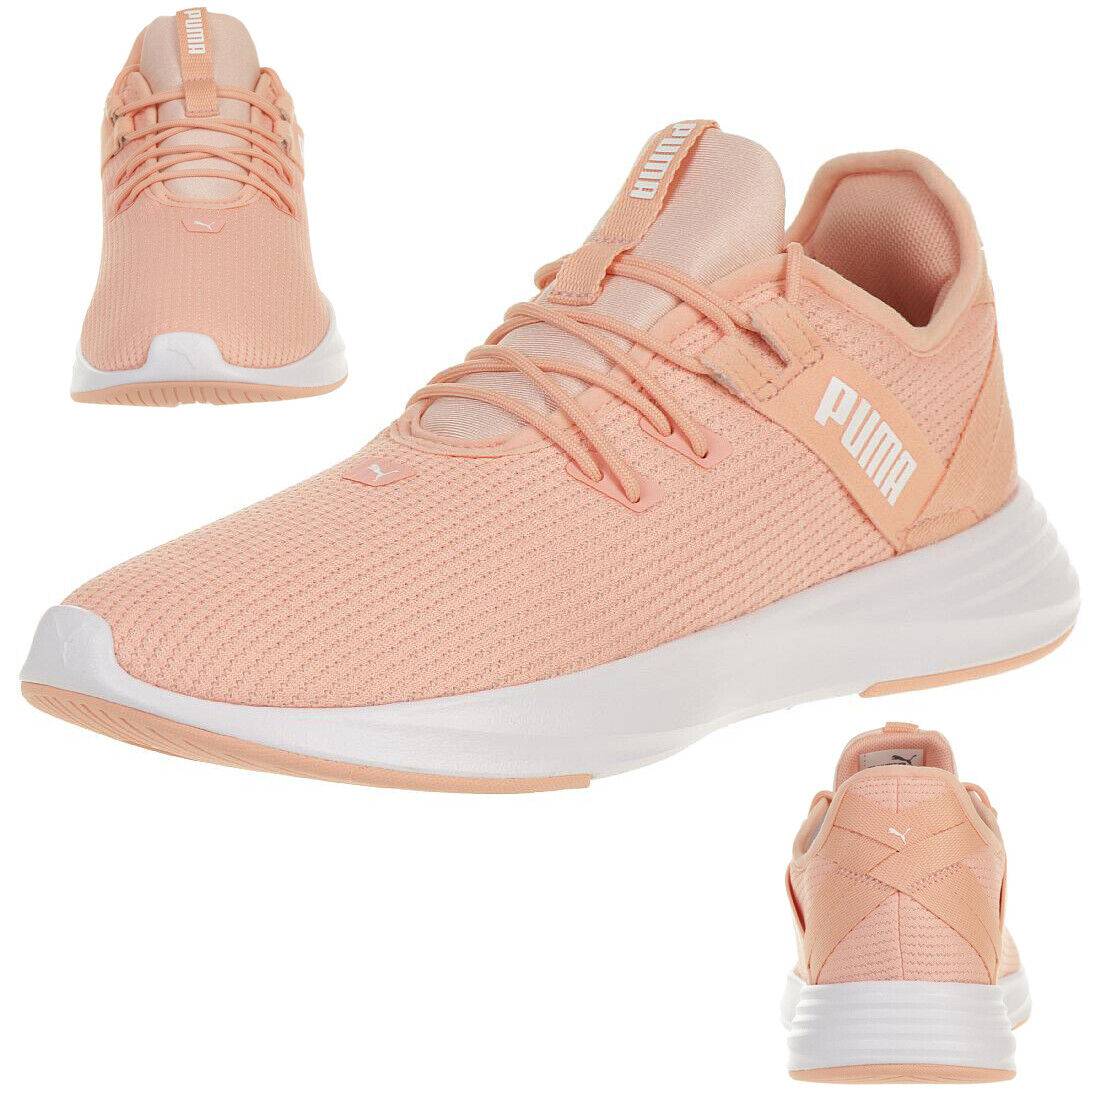 Puma Radiate XT WNs Damen Sneaker Laufschuh Fitness pink 192237 04